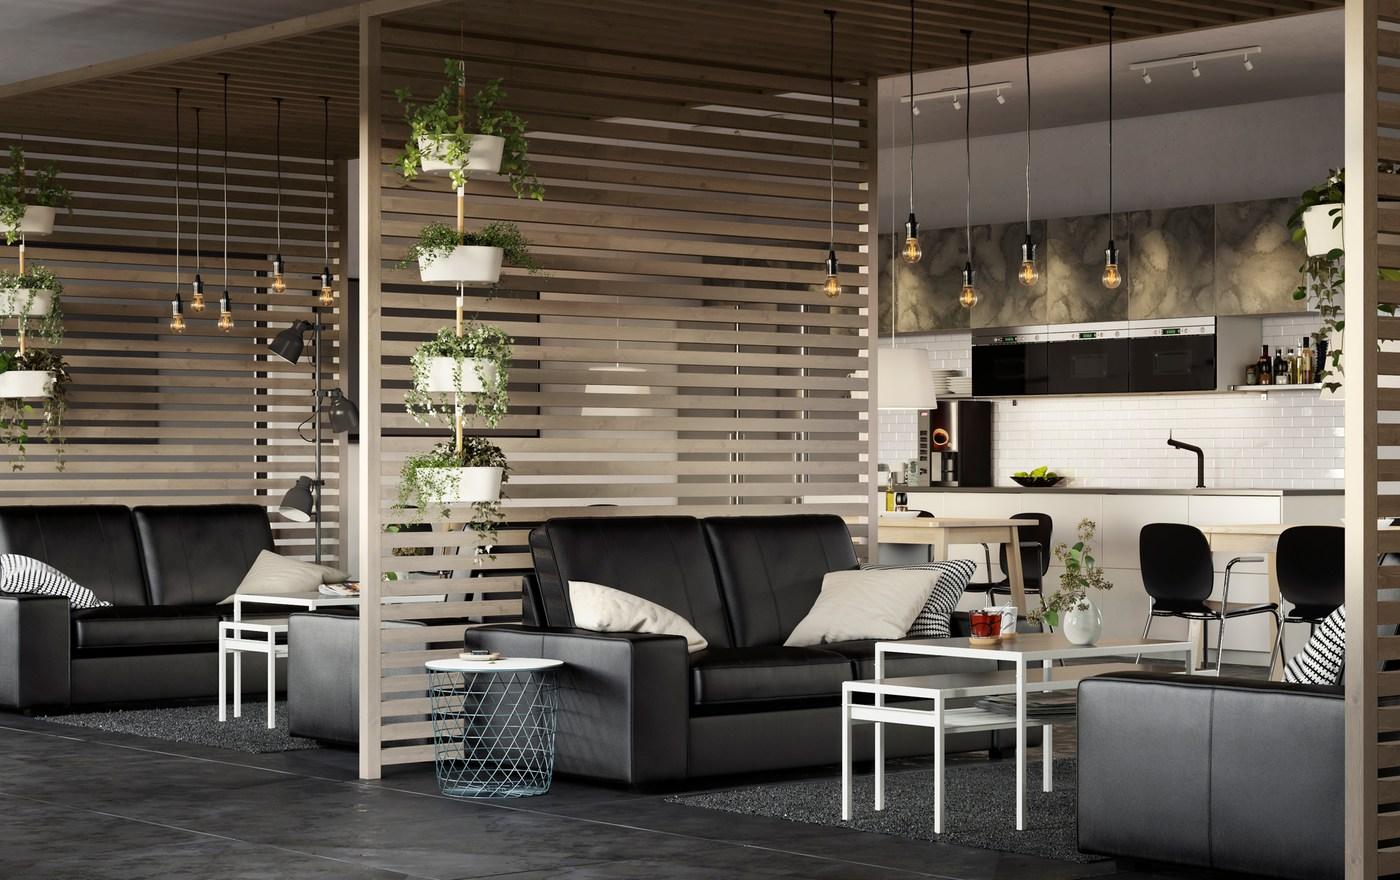 مساحة مكتب كبيرة جميلة بها كنبات جلدية سوداء KIVIK من ايكيا ومقسّمات غرف من شرائح خشبية.